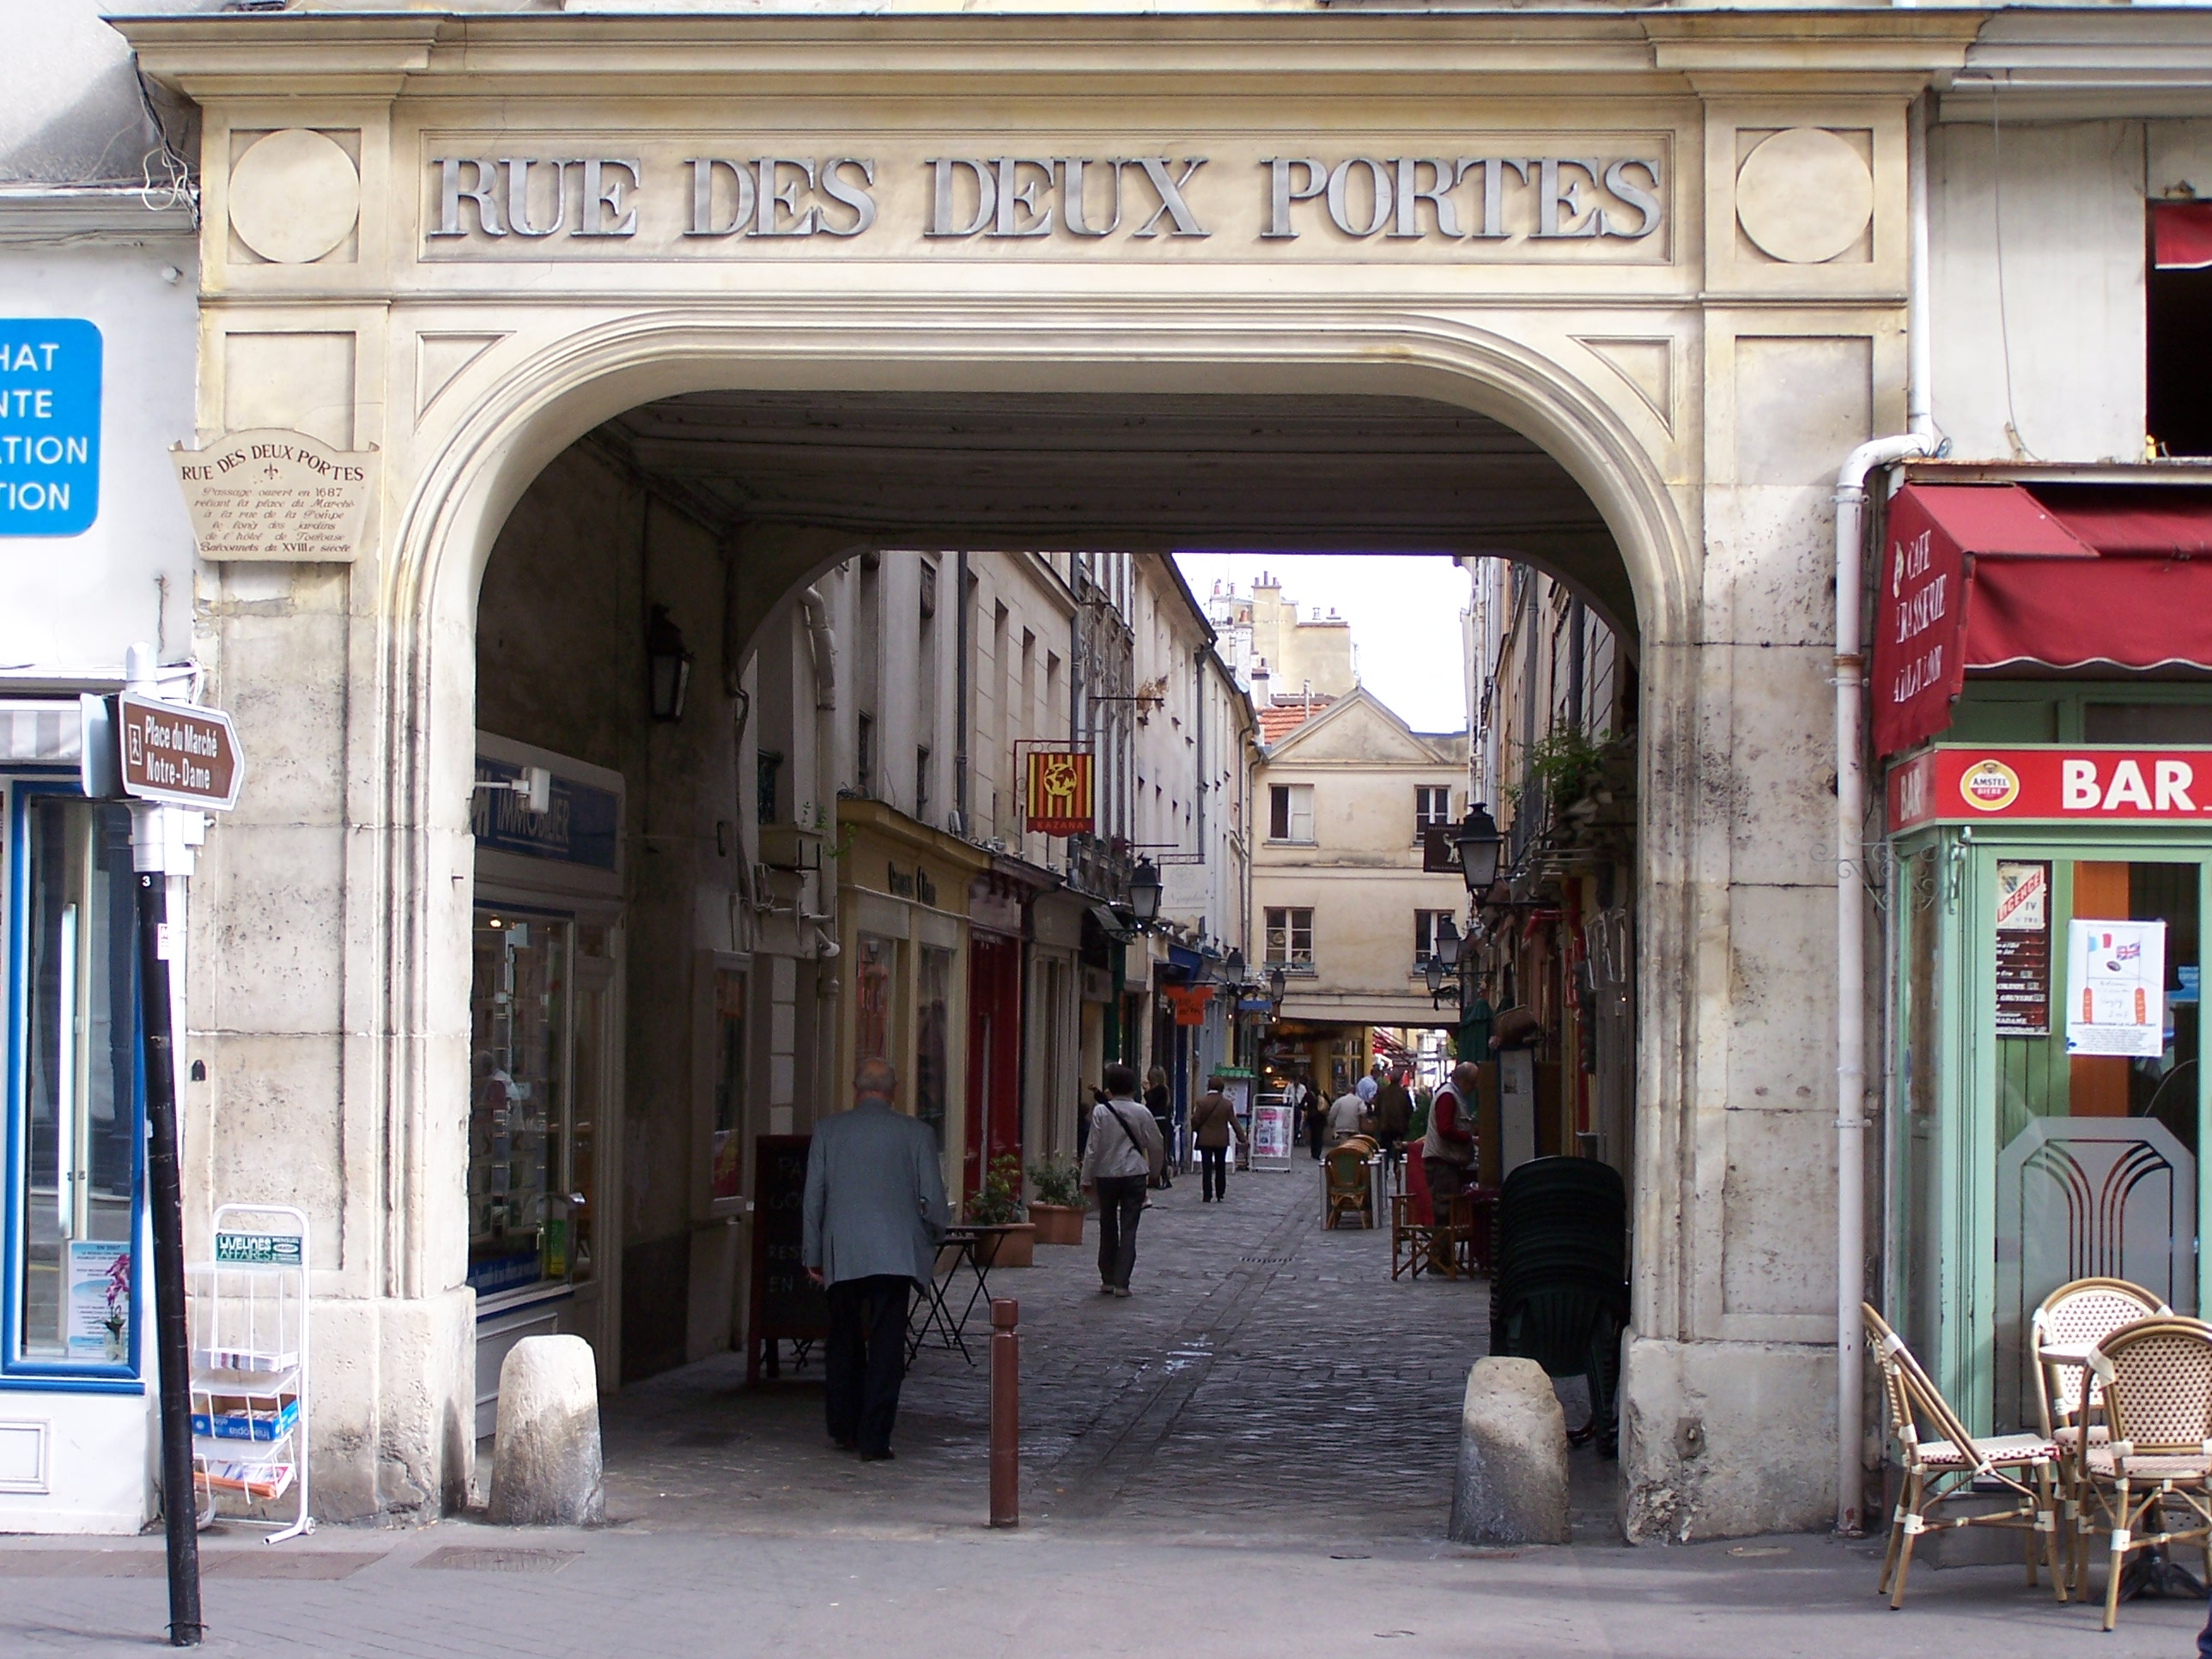 File versailles passage 2 wikimedia commons - Creperie passage des deux portes versailles ...